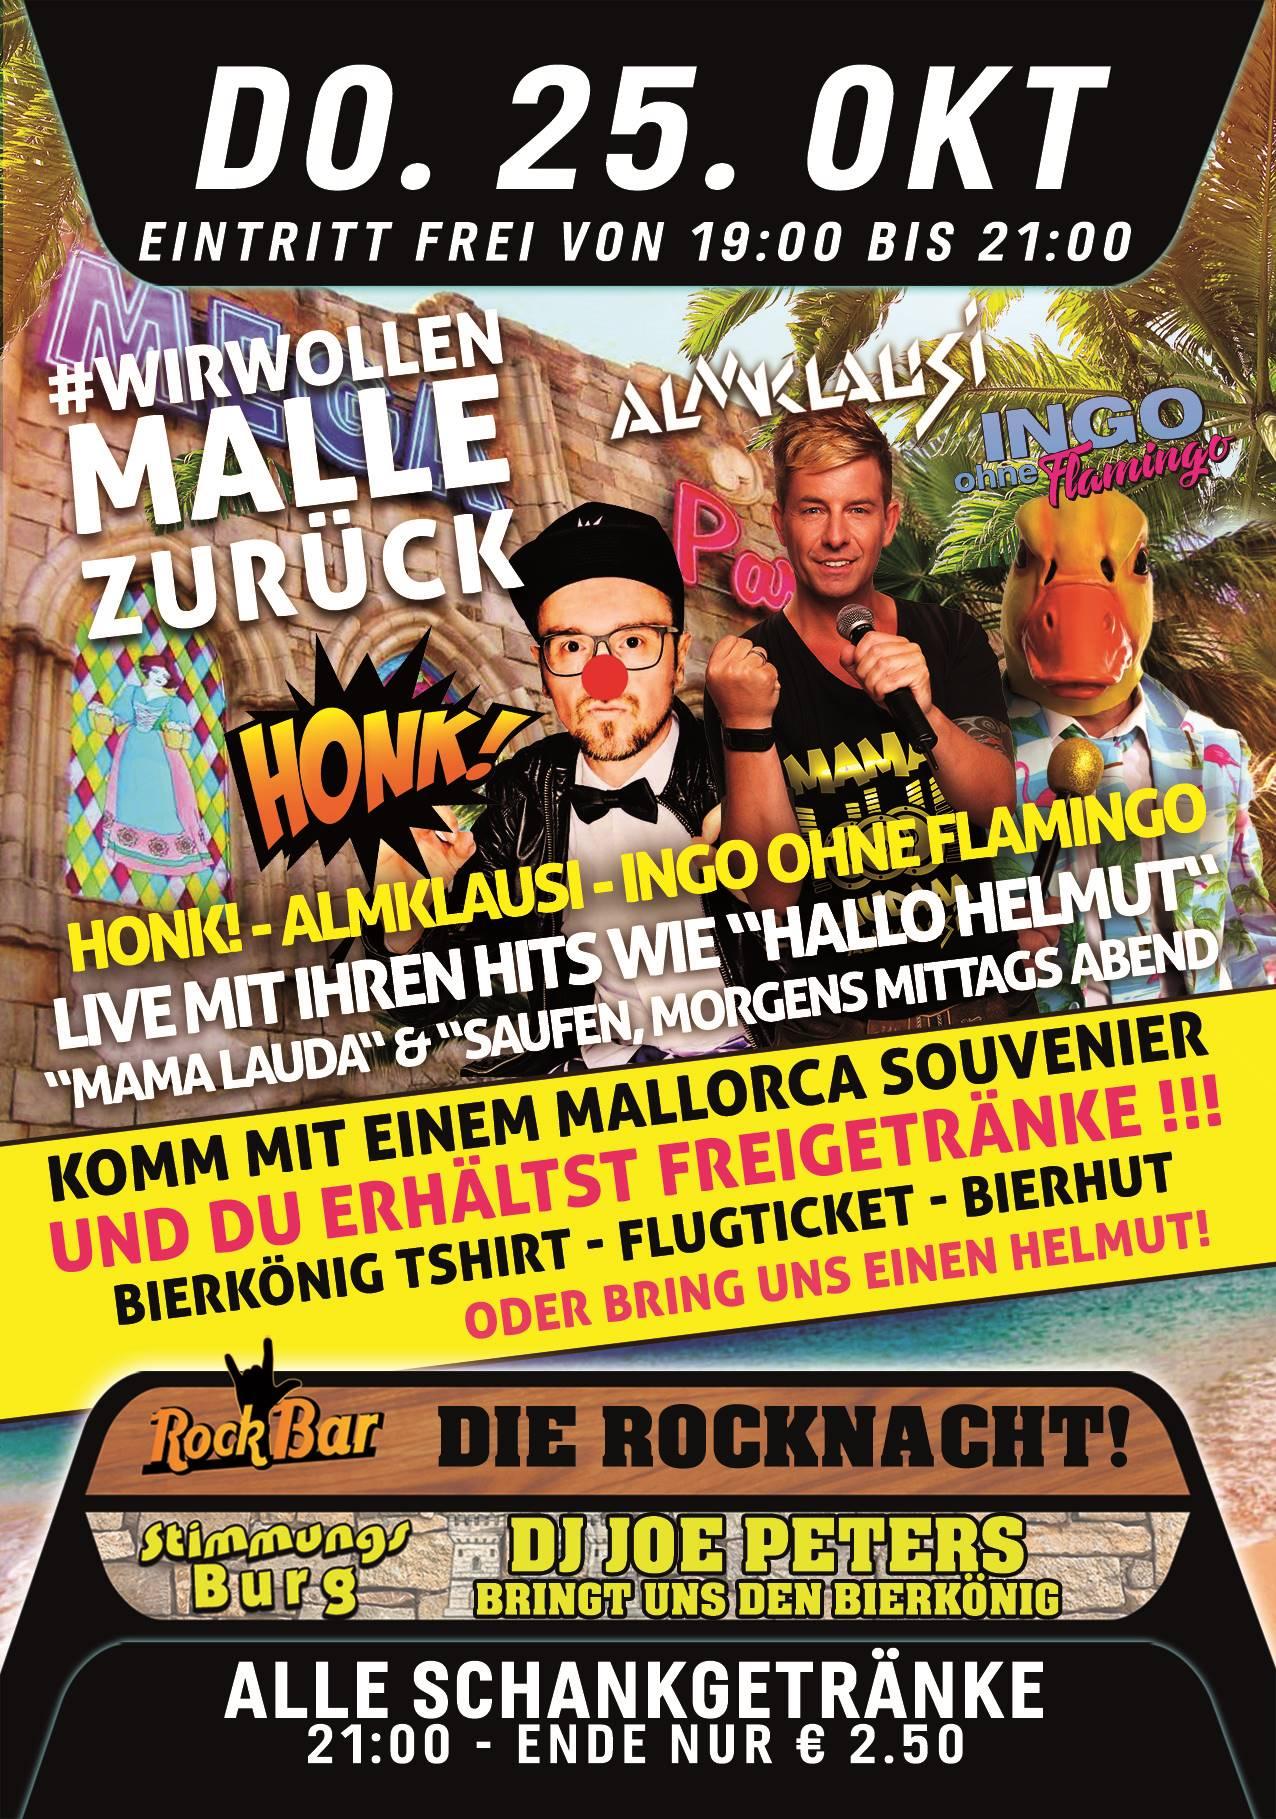 #WIRWOLLENMALLEZURÜCK Honk! - Almlklausi & Ingo ohne Flamingo LIVE!